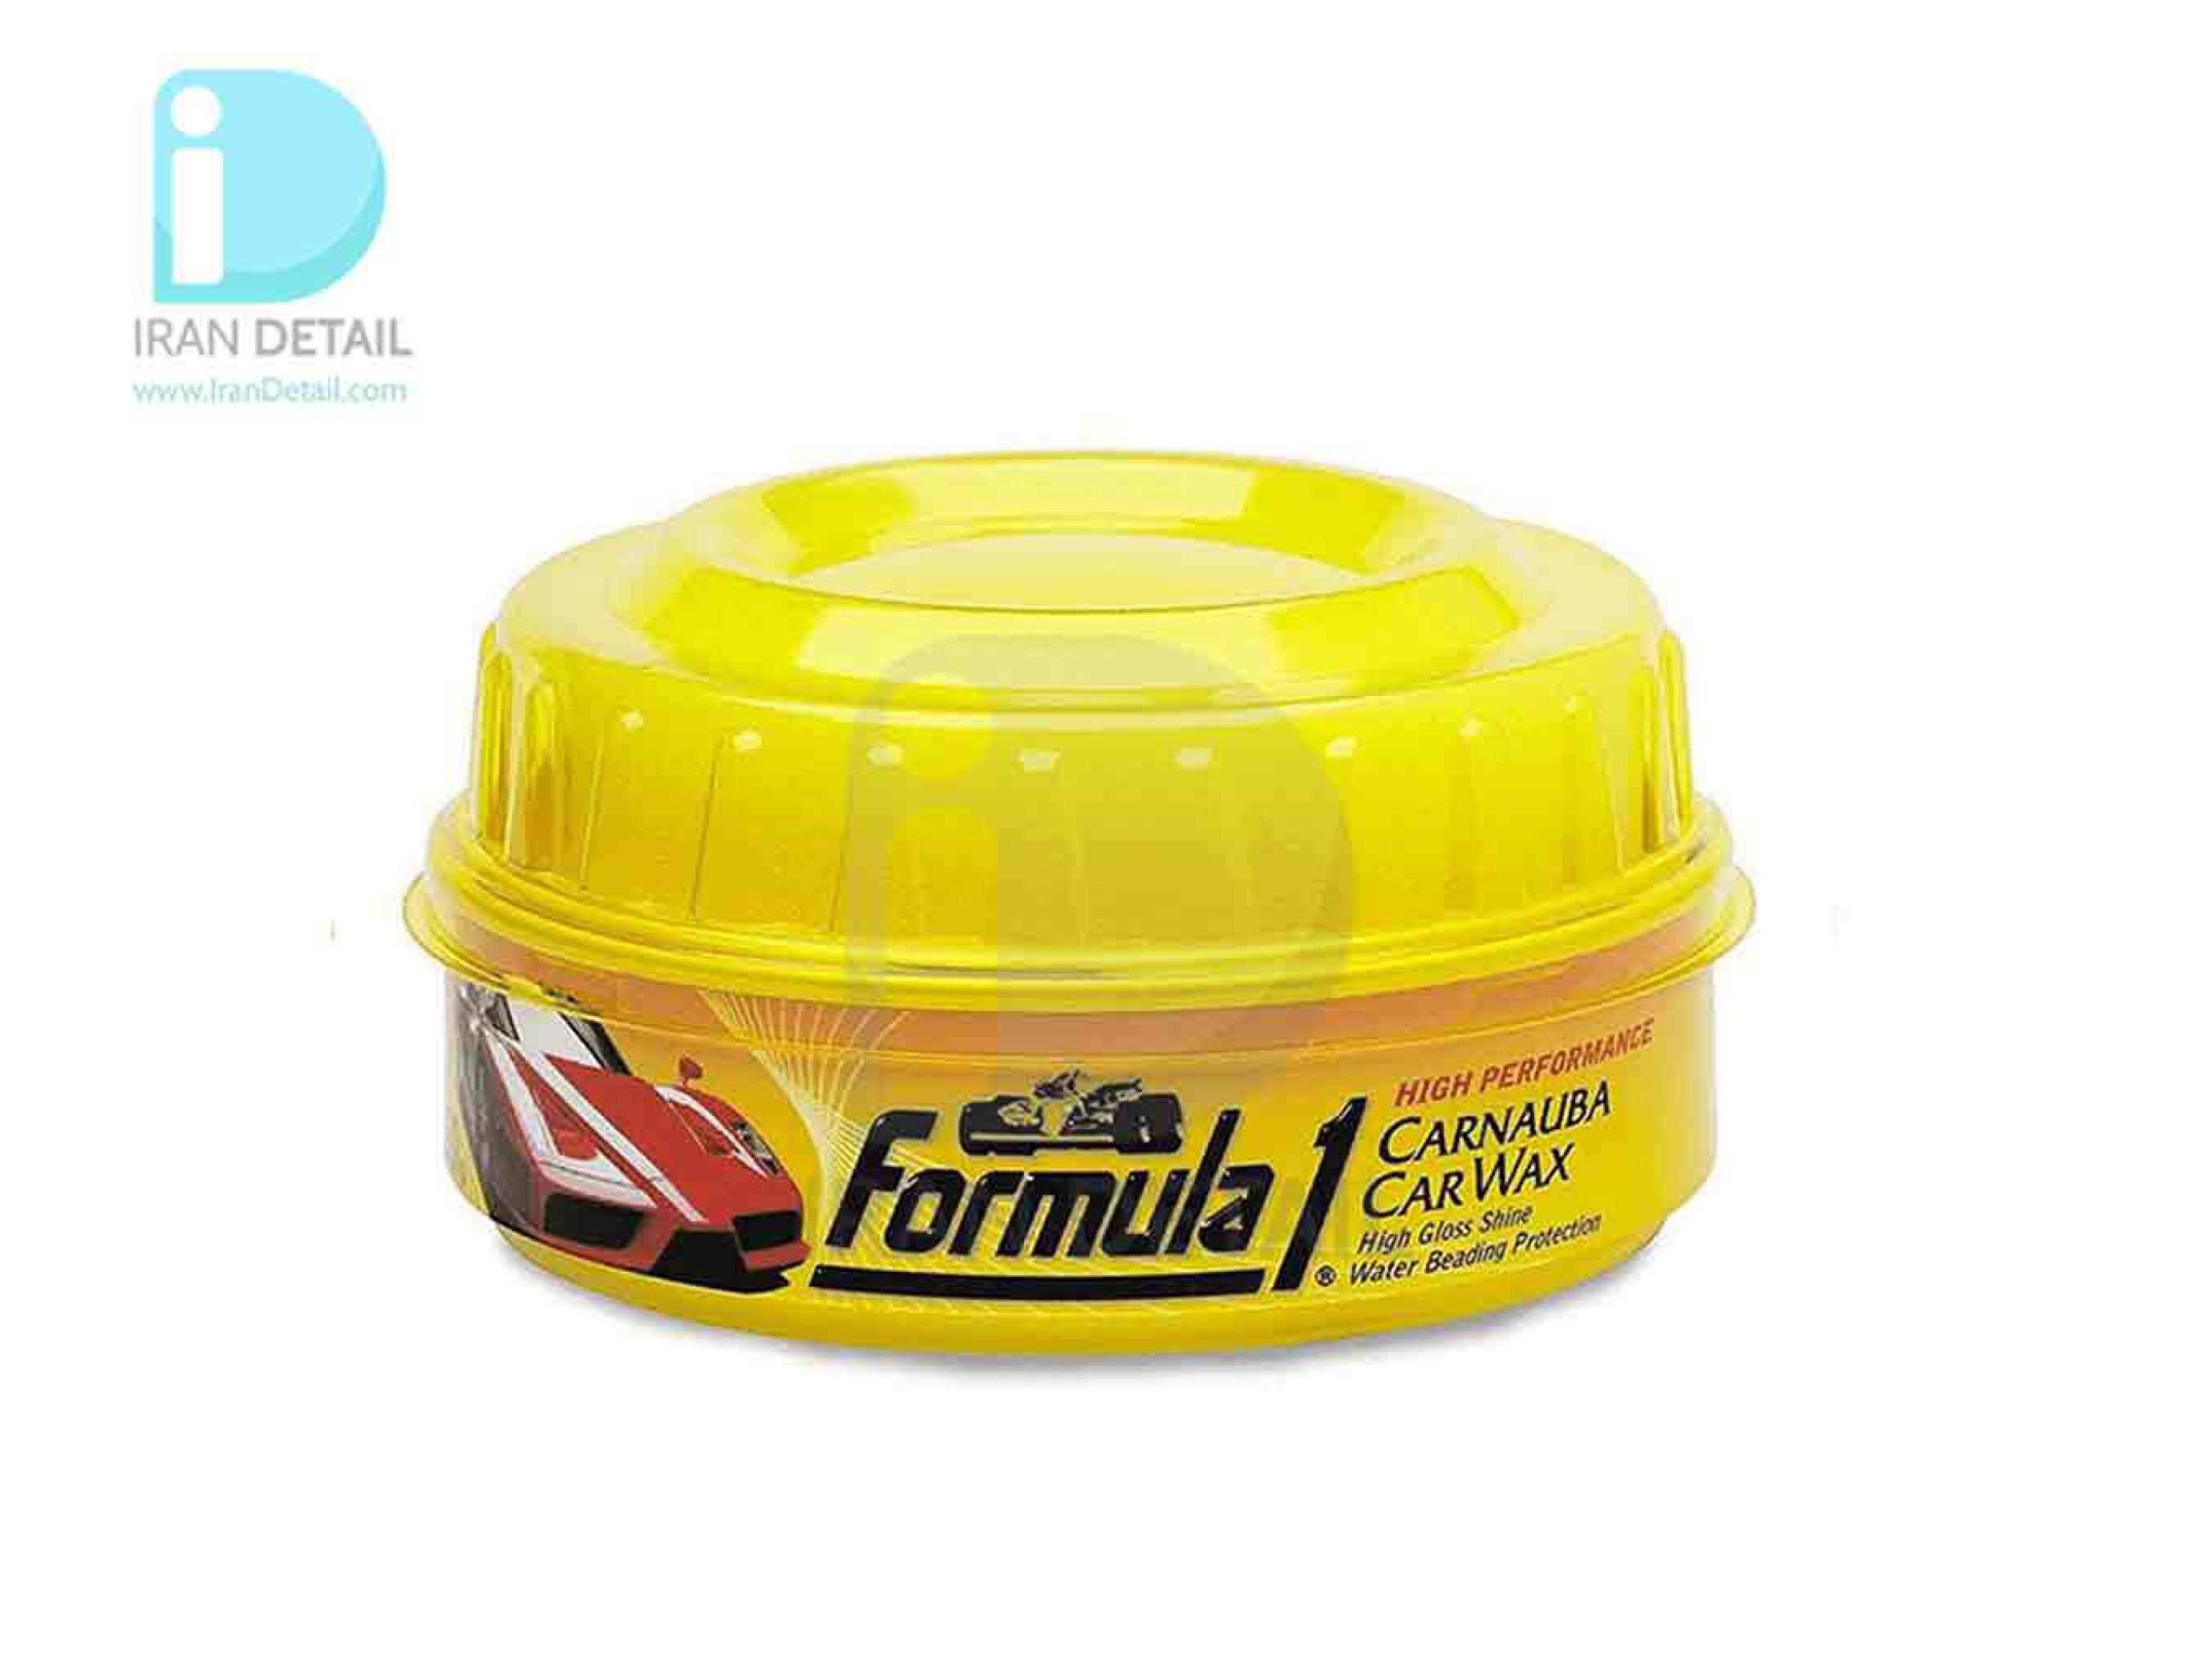 خمیر واکس حرفه ای کارناوبا بدنه خودرو فرمول وان مدل Formula 1 Carnauba Paste Car Wax